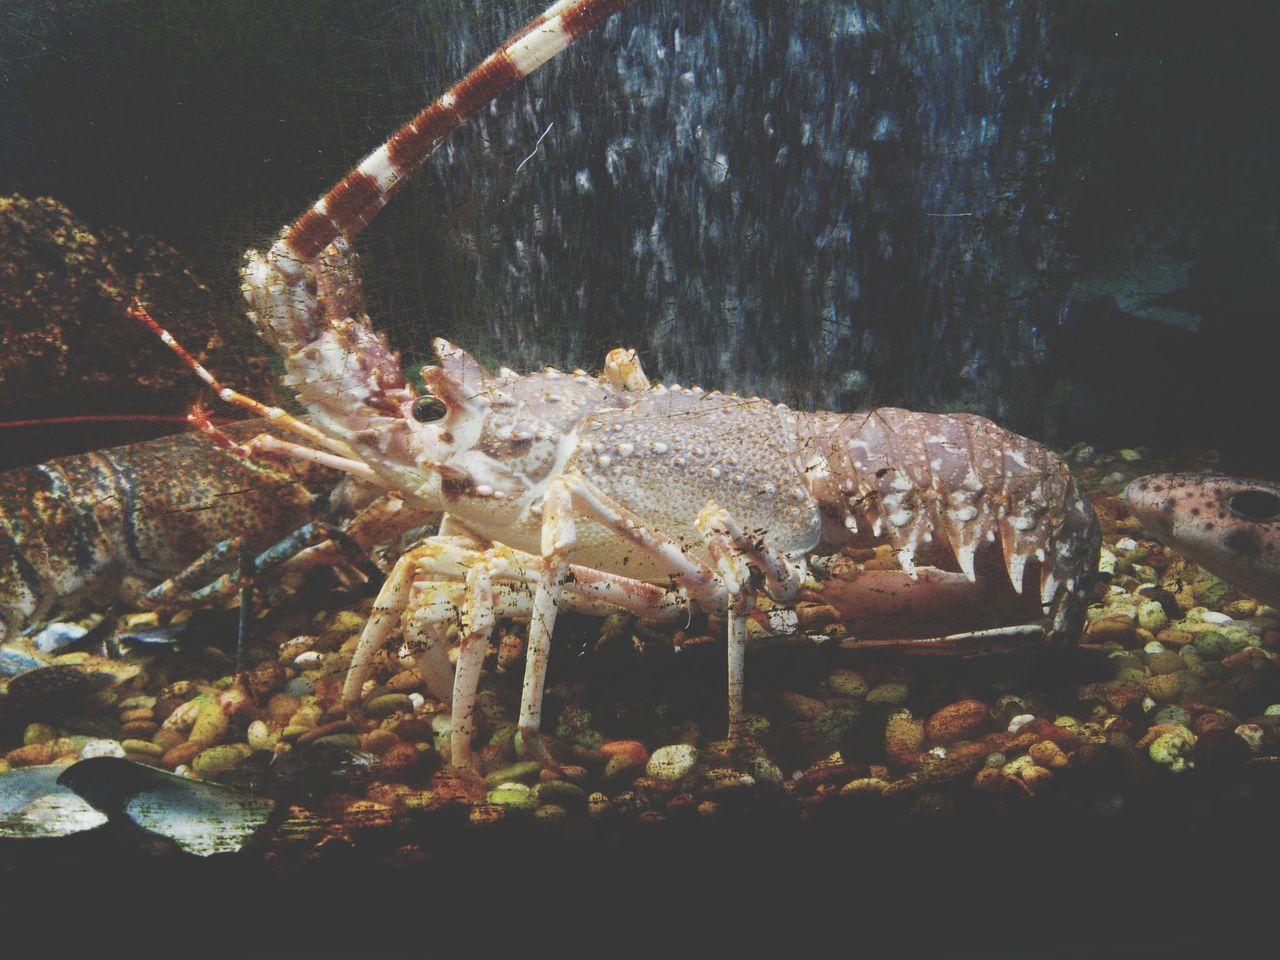 Seafood Restaurant Seafoodporn Seafoods Mariscos Marisco Marisqueria Marisqueira Aquarium Aquarium Life Aquatic Life Food Porn Food Photography Food On The Go Food Foodporn